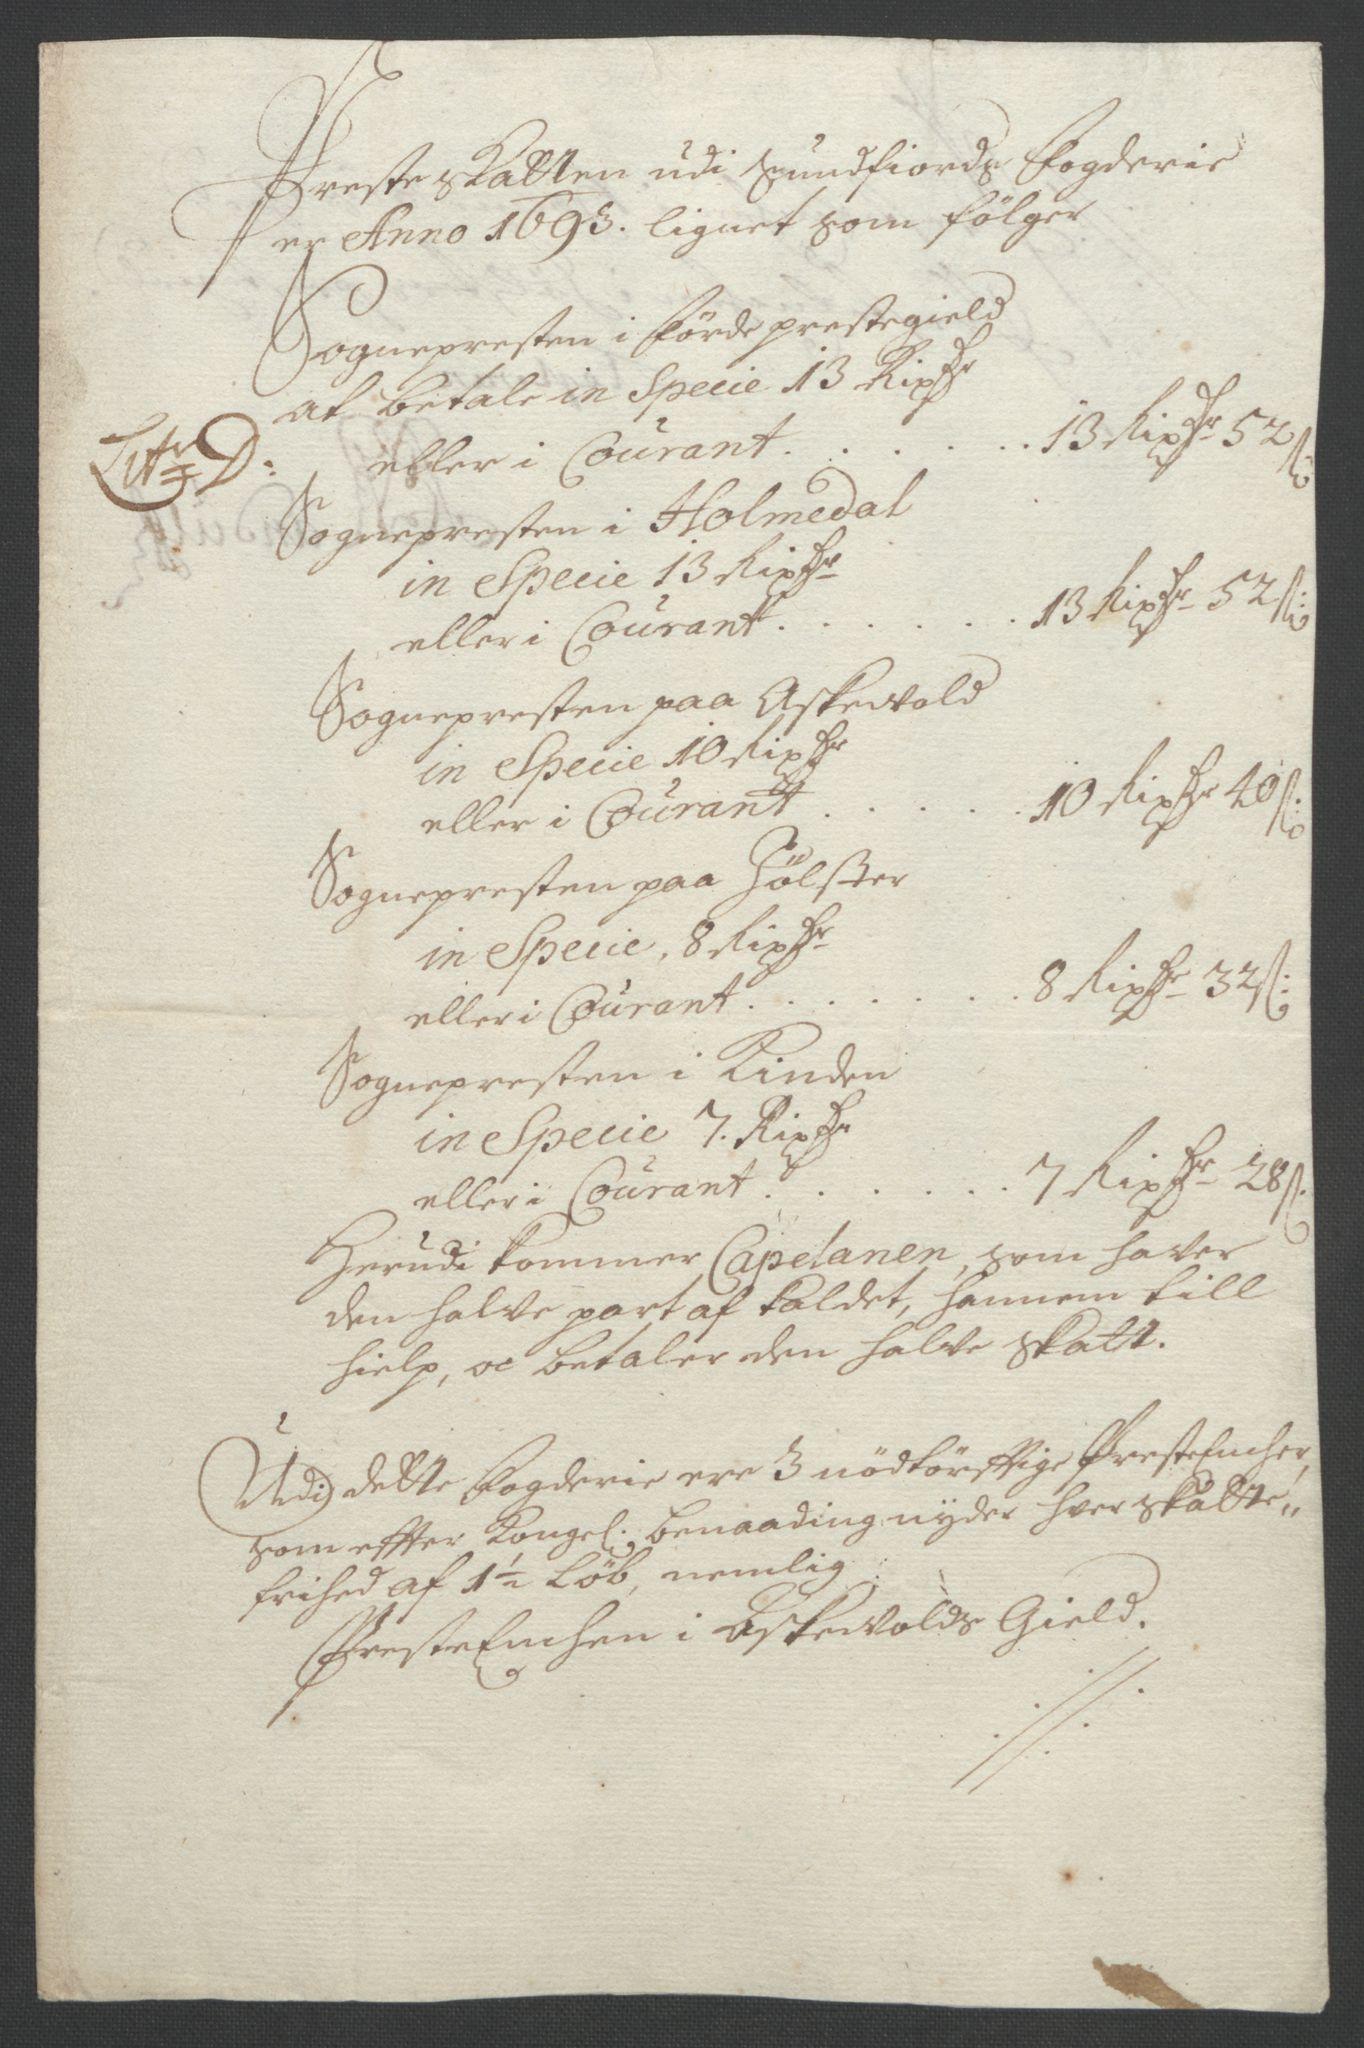 RA, Rentekammeret inntil 1814, Reviderte regnskaper, Fogderegnskap, R53/L3421: Fogderegnskap Sunn- og Nordfjord, 1693-1694, s. 77